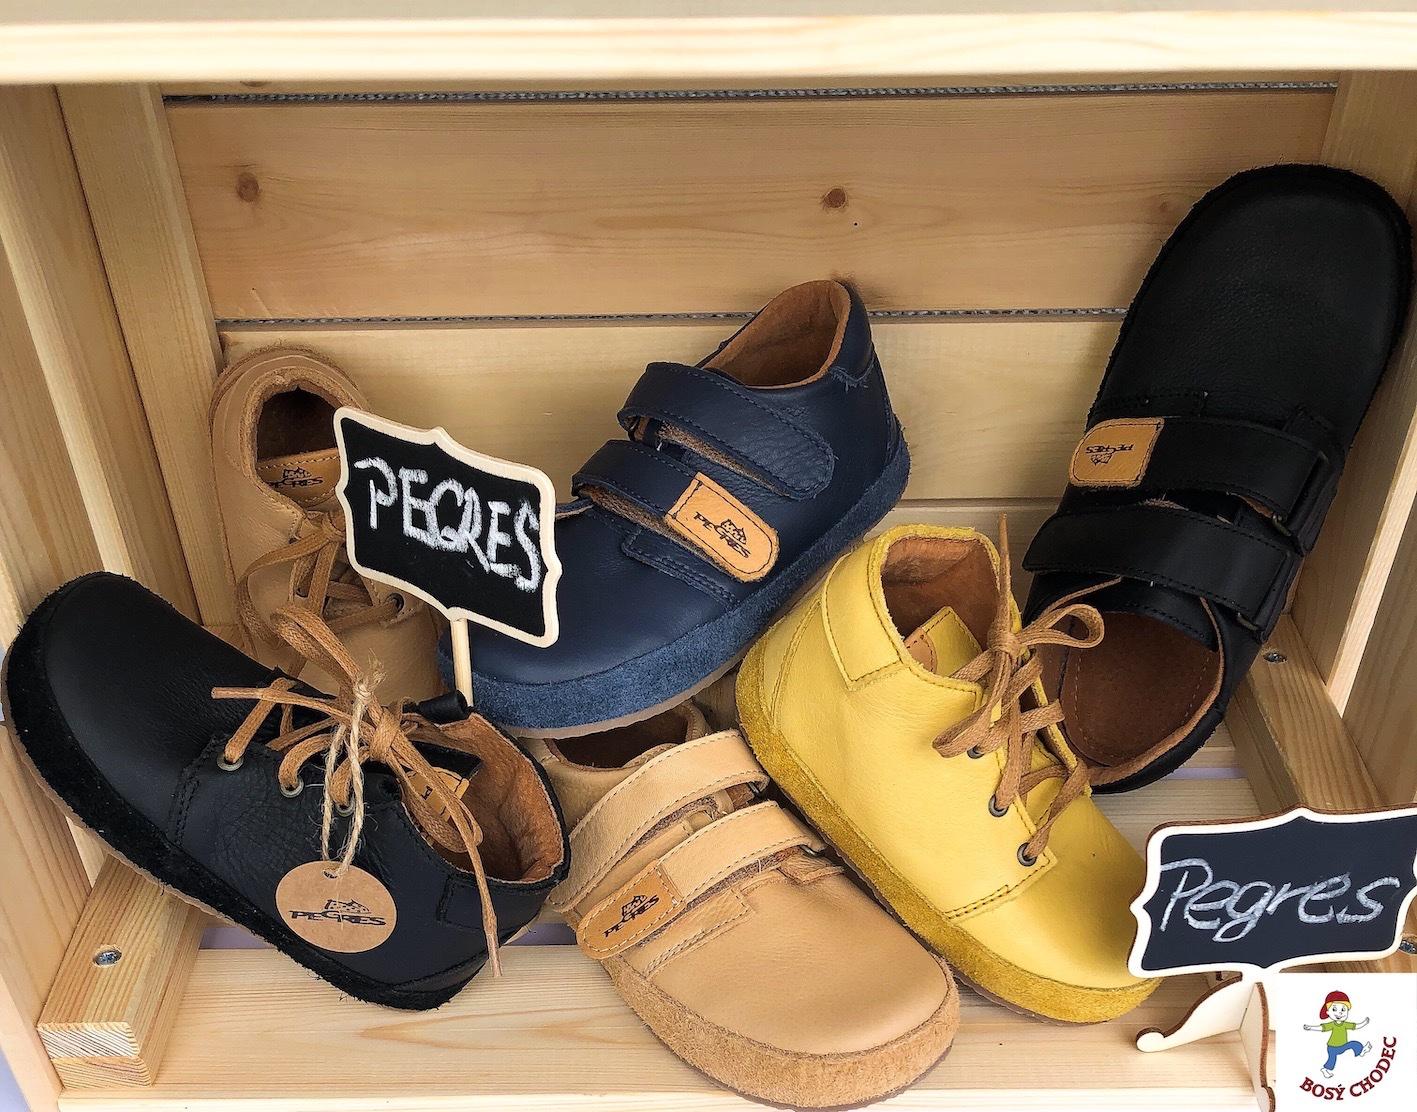 Bosé Pegres - celoroční dětská barefoot obuv